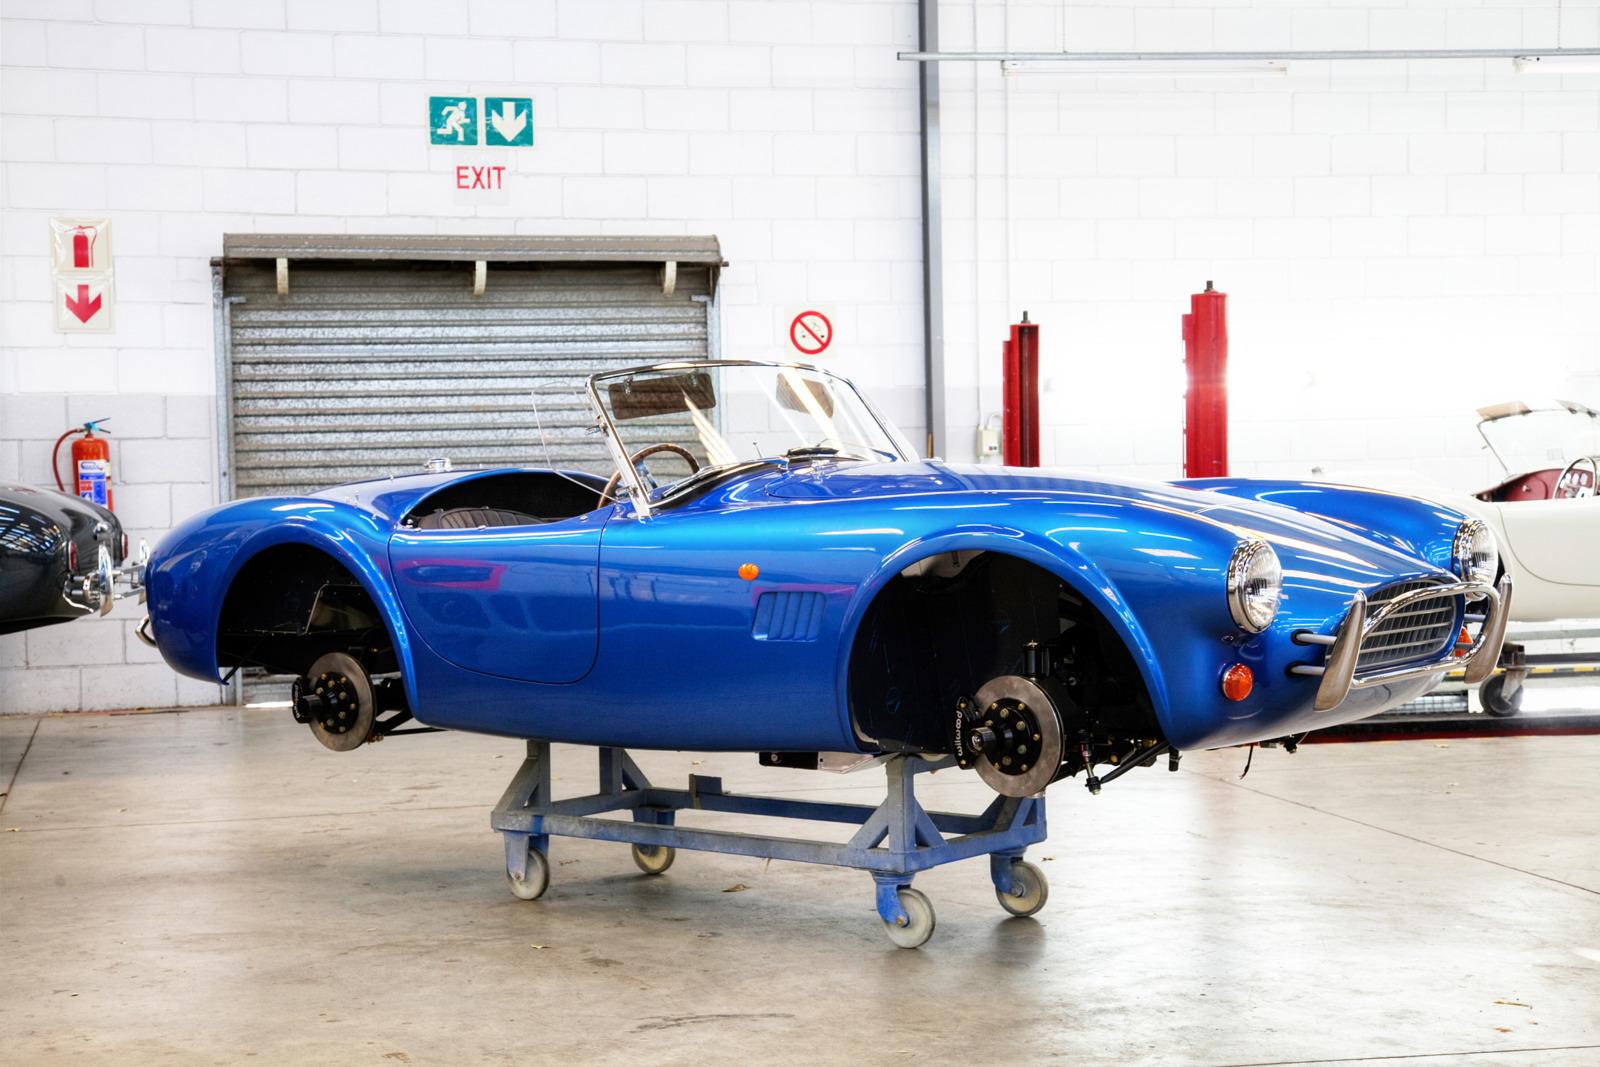 あのコブラが58台限定で再生産! 選ぶべき毒蛇の心臓はフォード製エンジンか、EVか